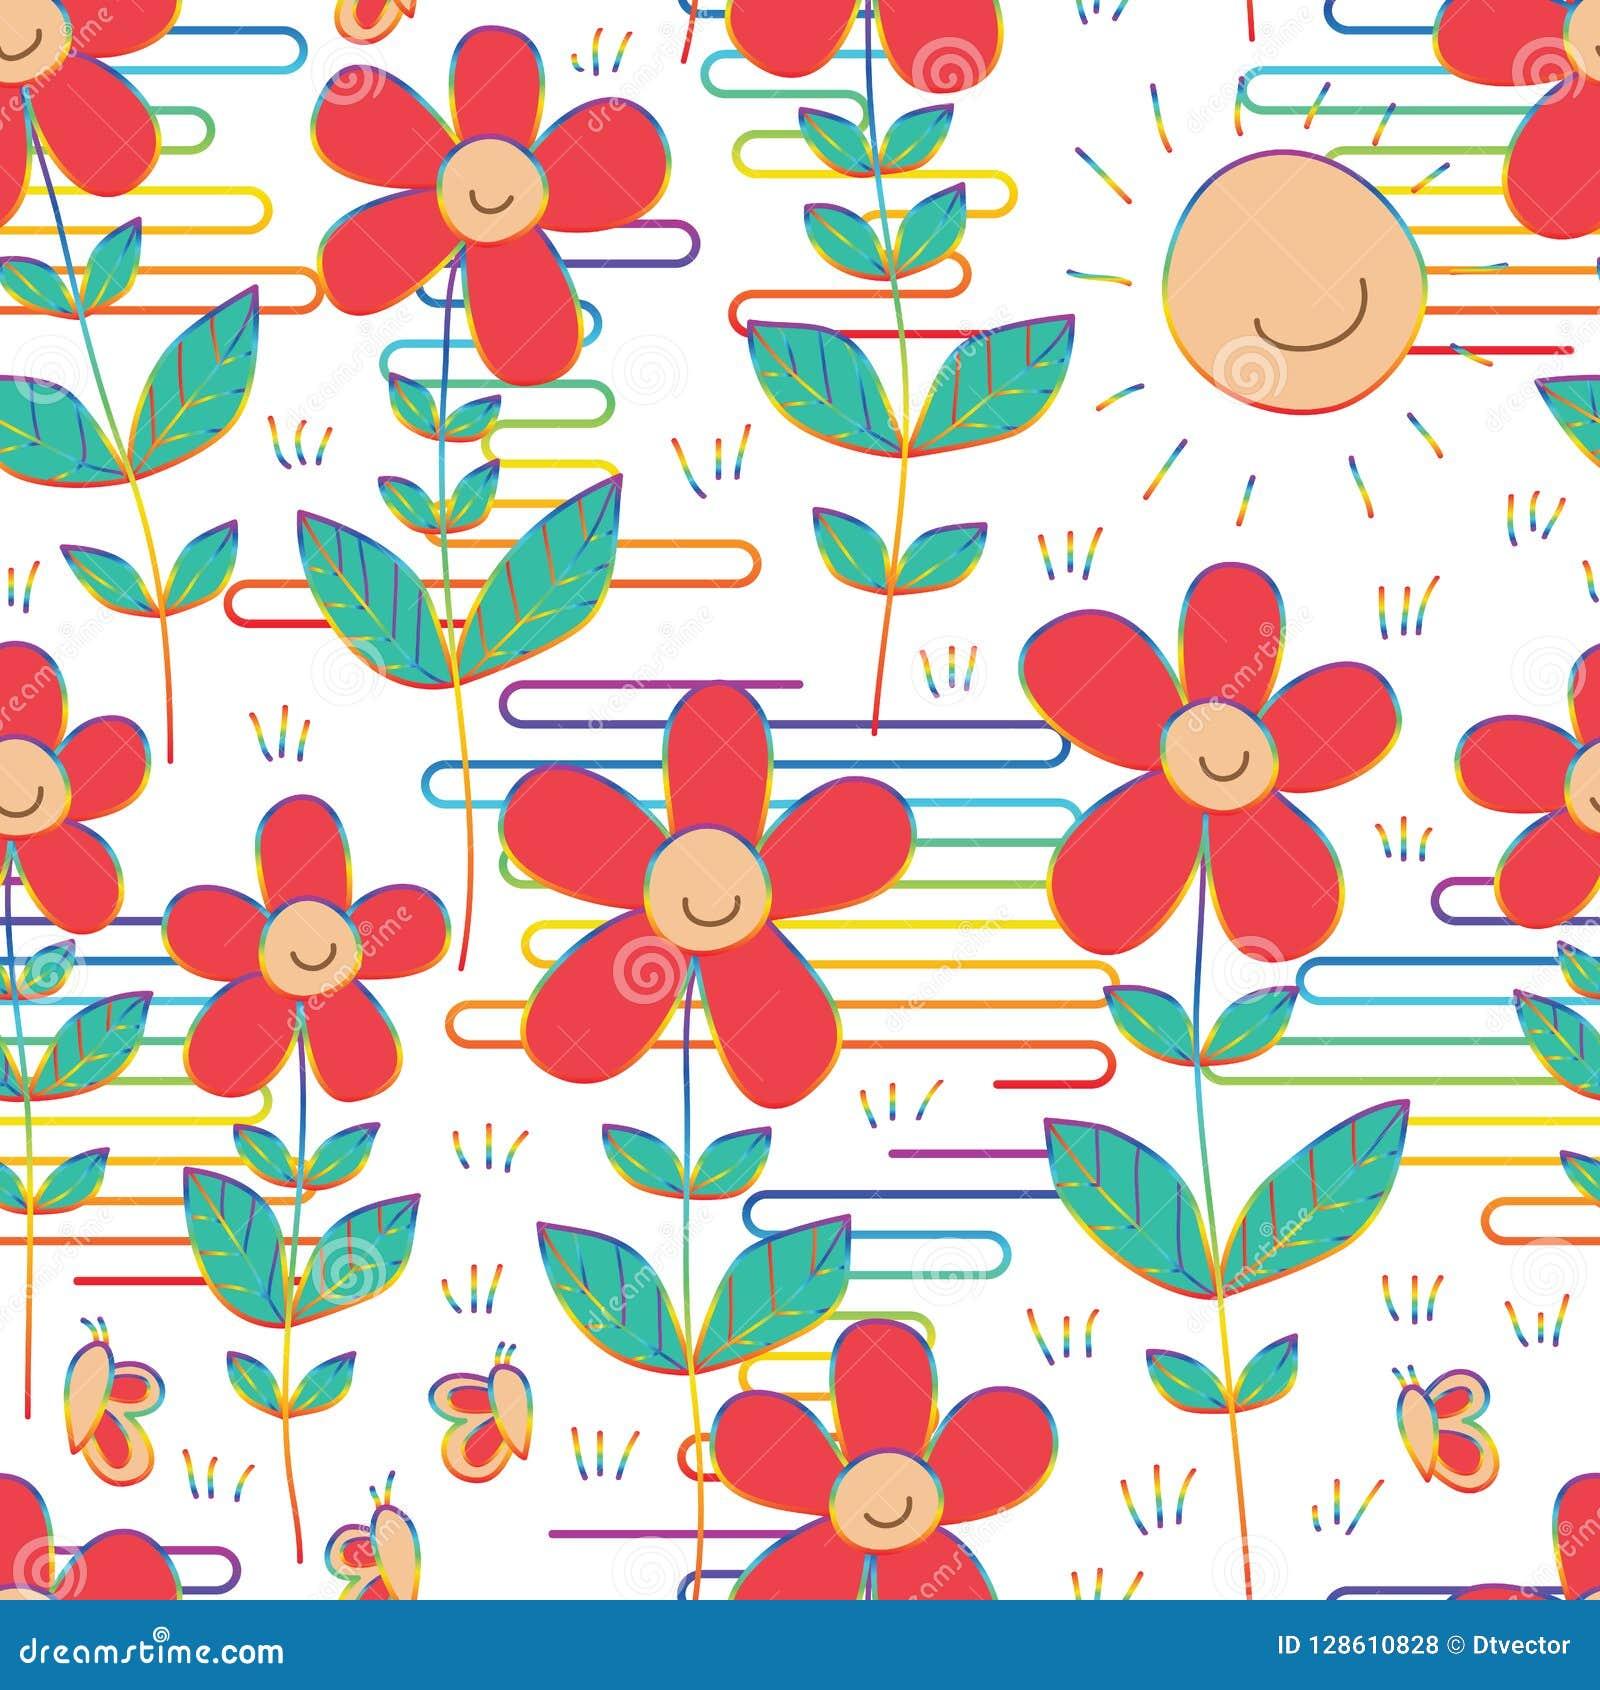 För Japan för stil för regnbåge för fjäril för blommasolleende linje sömlös modell moln